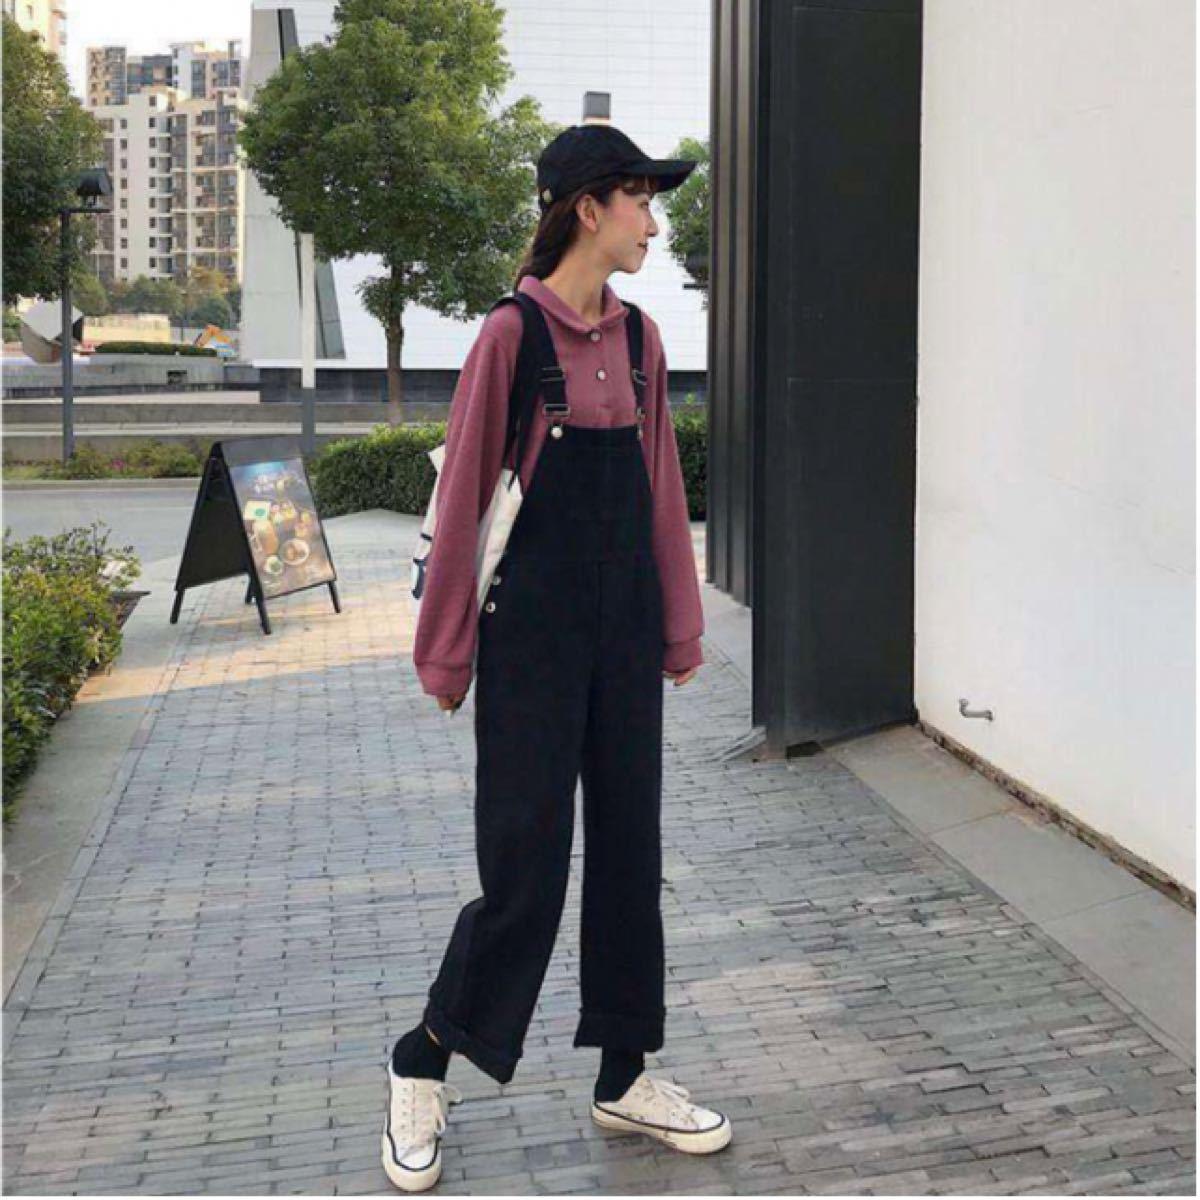 オーバーオール デニム オールインワン サロペット 韓国 ポケット 新品 細見え 黒 ブラック XL カジュアル ママさん